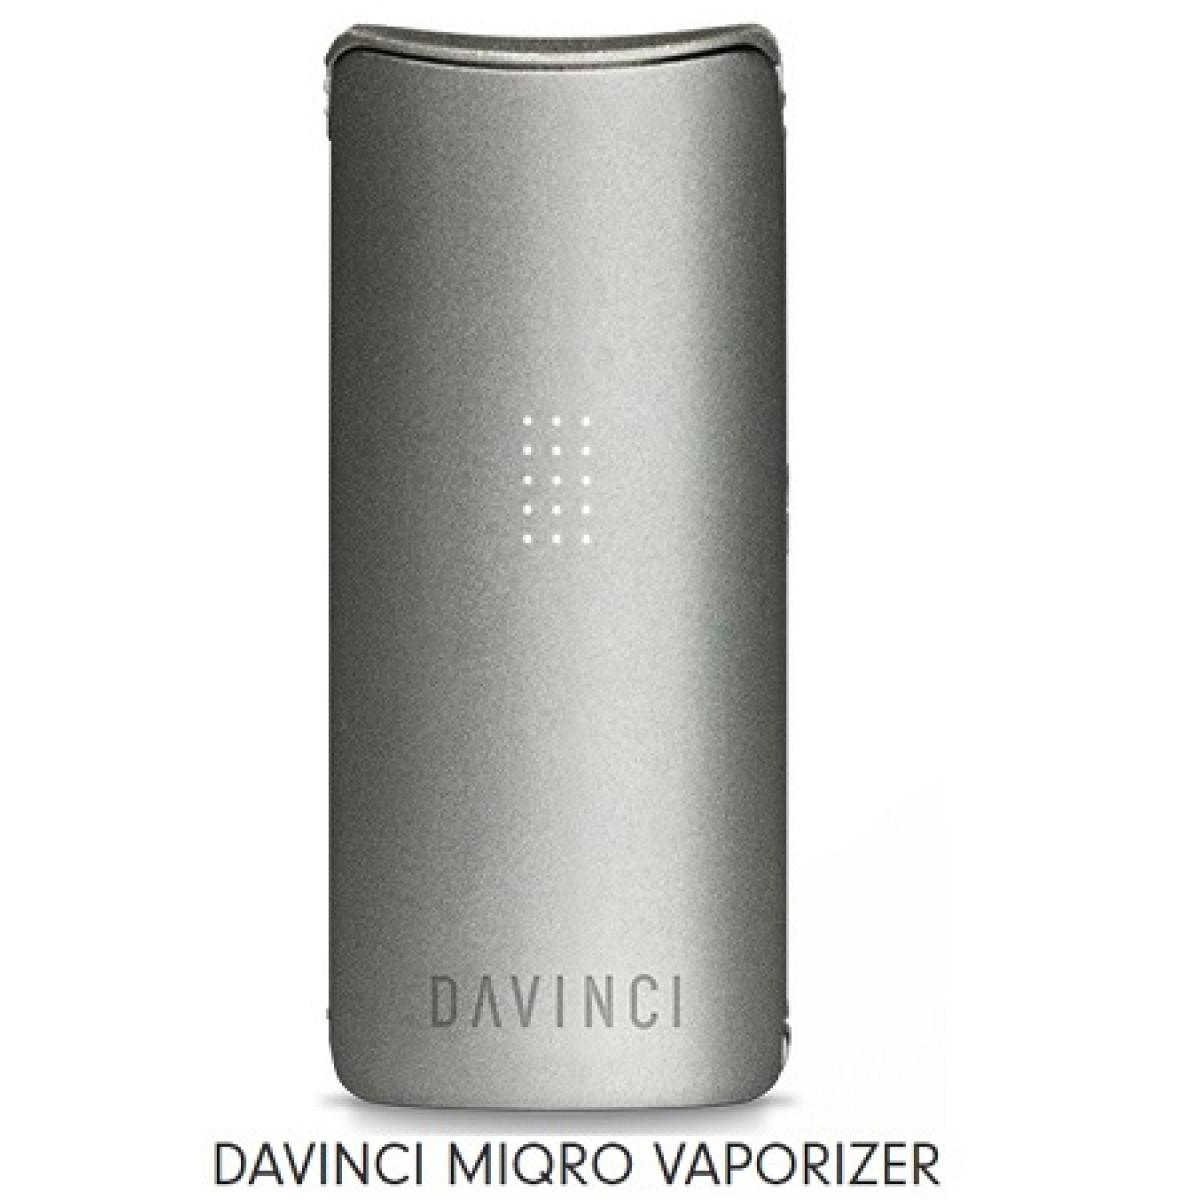 DAVINCI MIQRO VAPORIZER